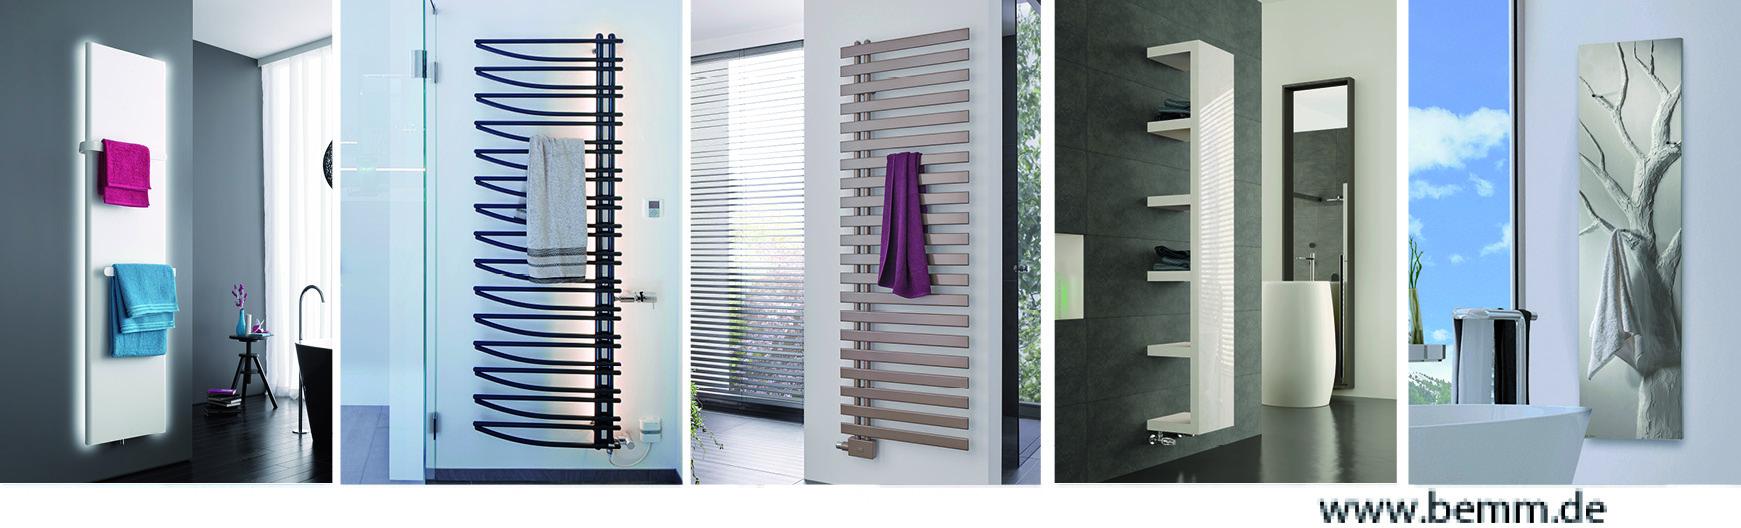 Full Size of Wandheizkörper Badheizungen Und Wandheizkrper Auf Wohnzimmer Wandheizkörper